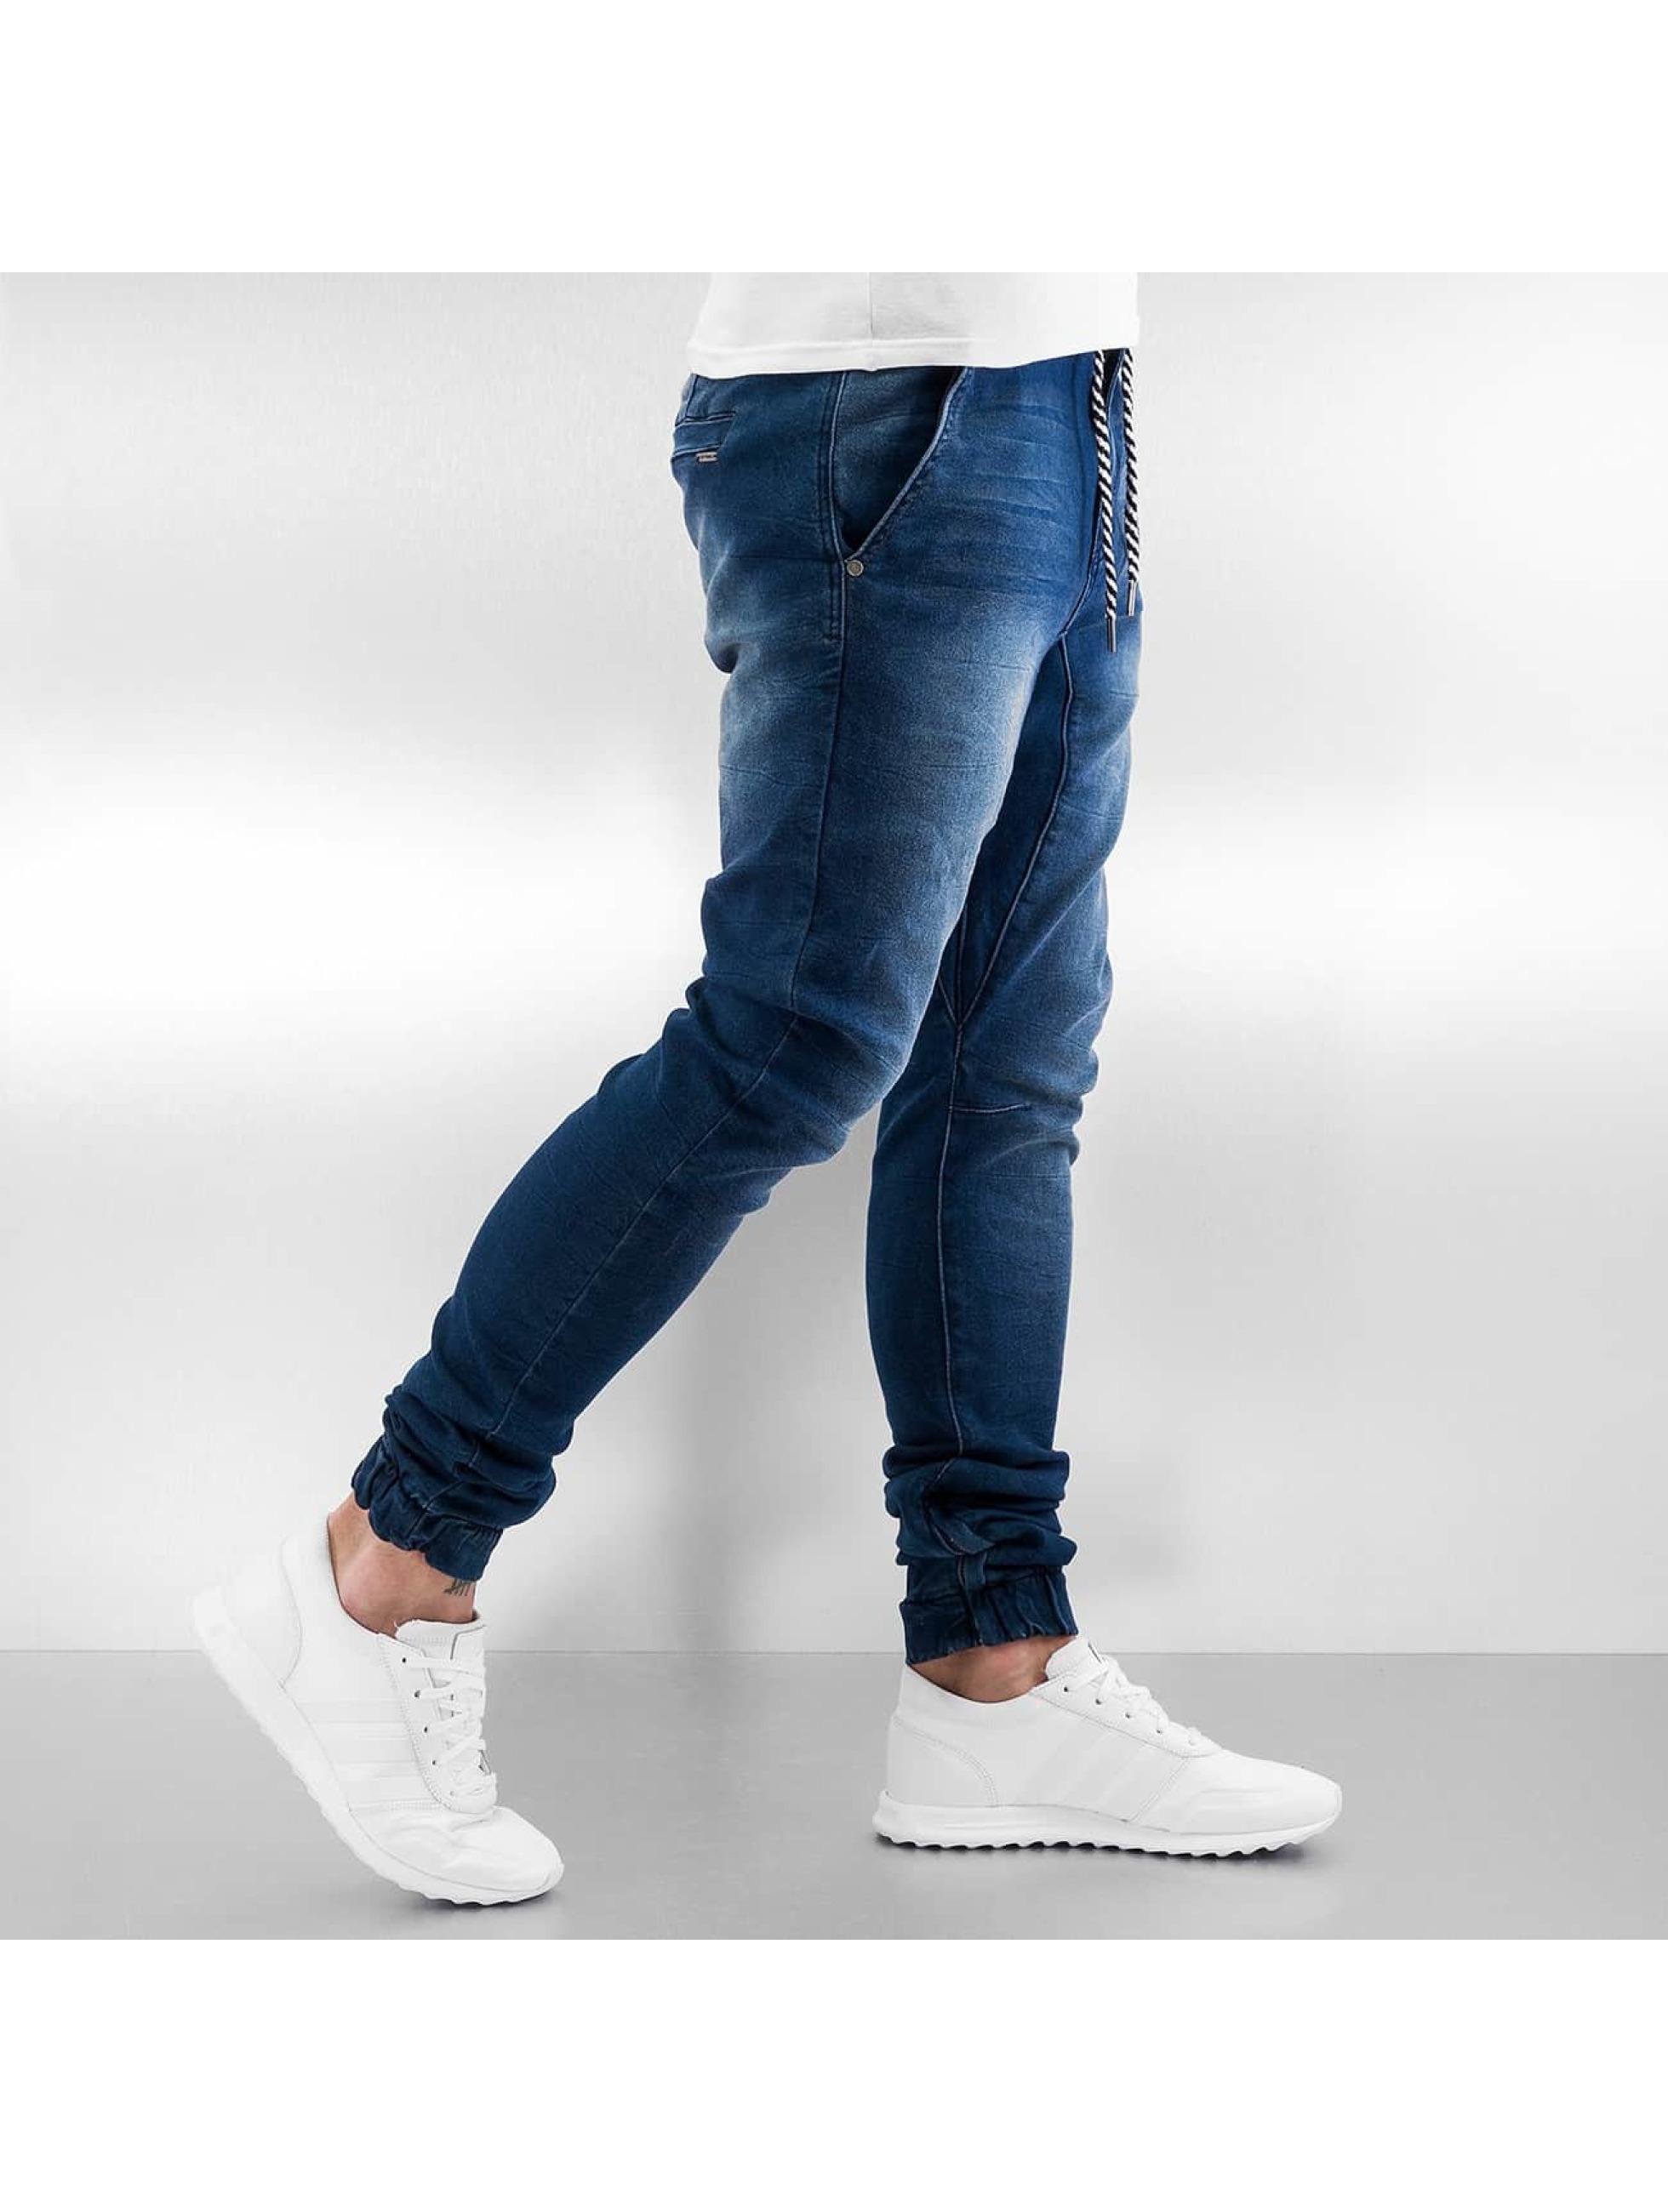 Sky Rebel Спортивные брюки Jeans Style синий